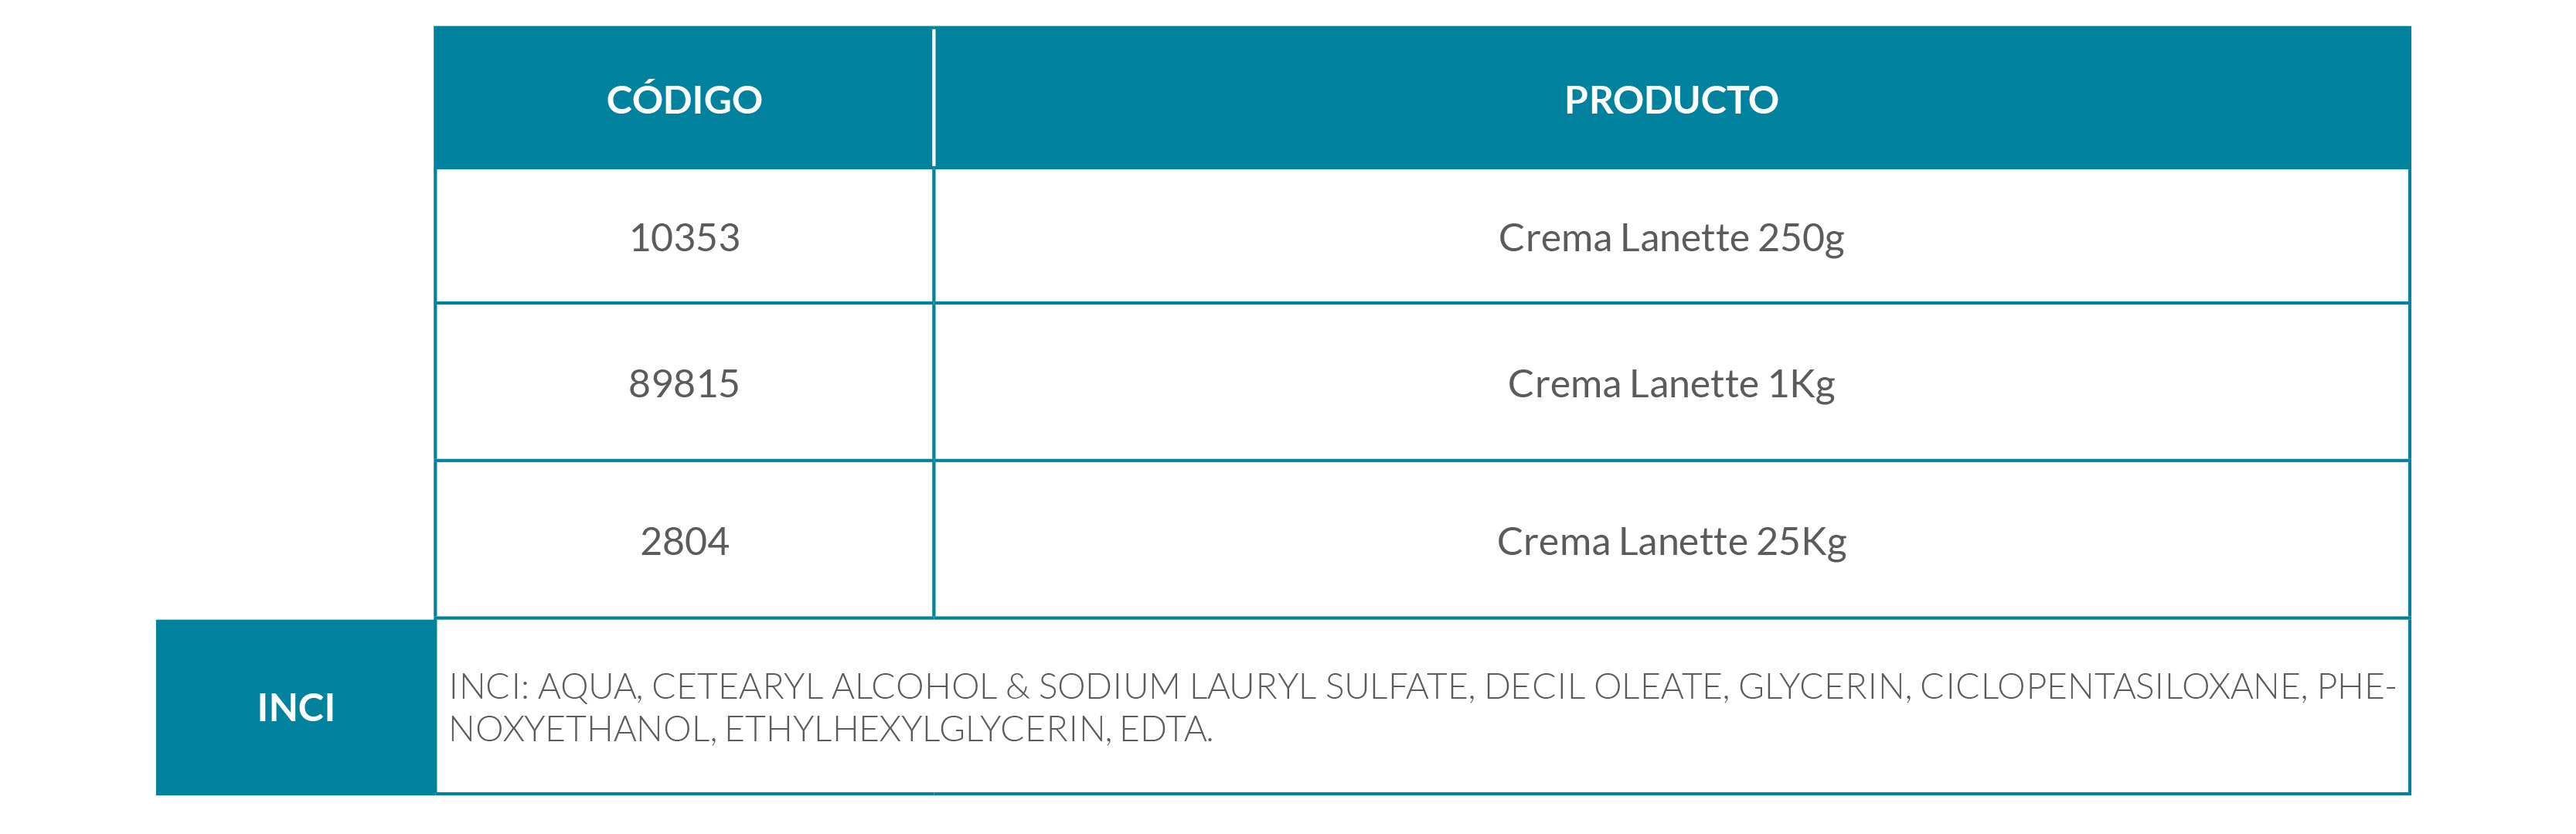 Fórmula magistral para el tratamiento de la liquenificación de la piel con crema lanette, lanolina anhidra y urea